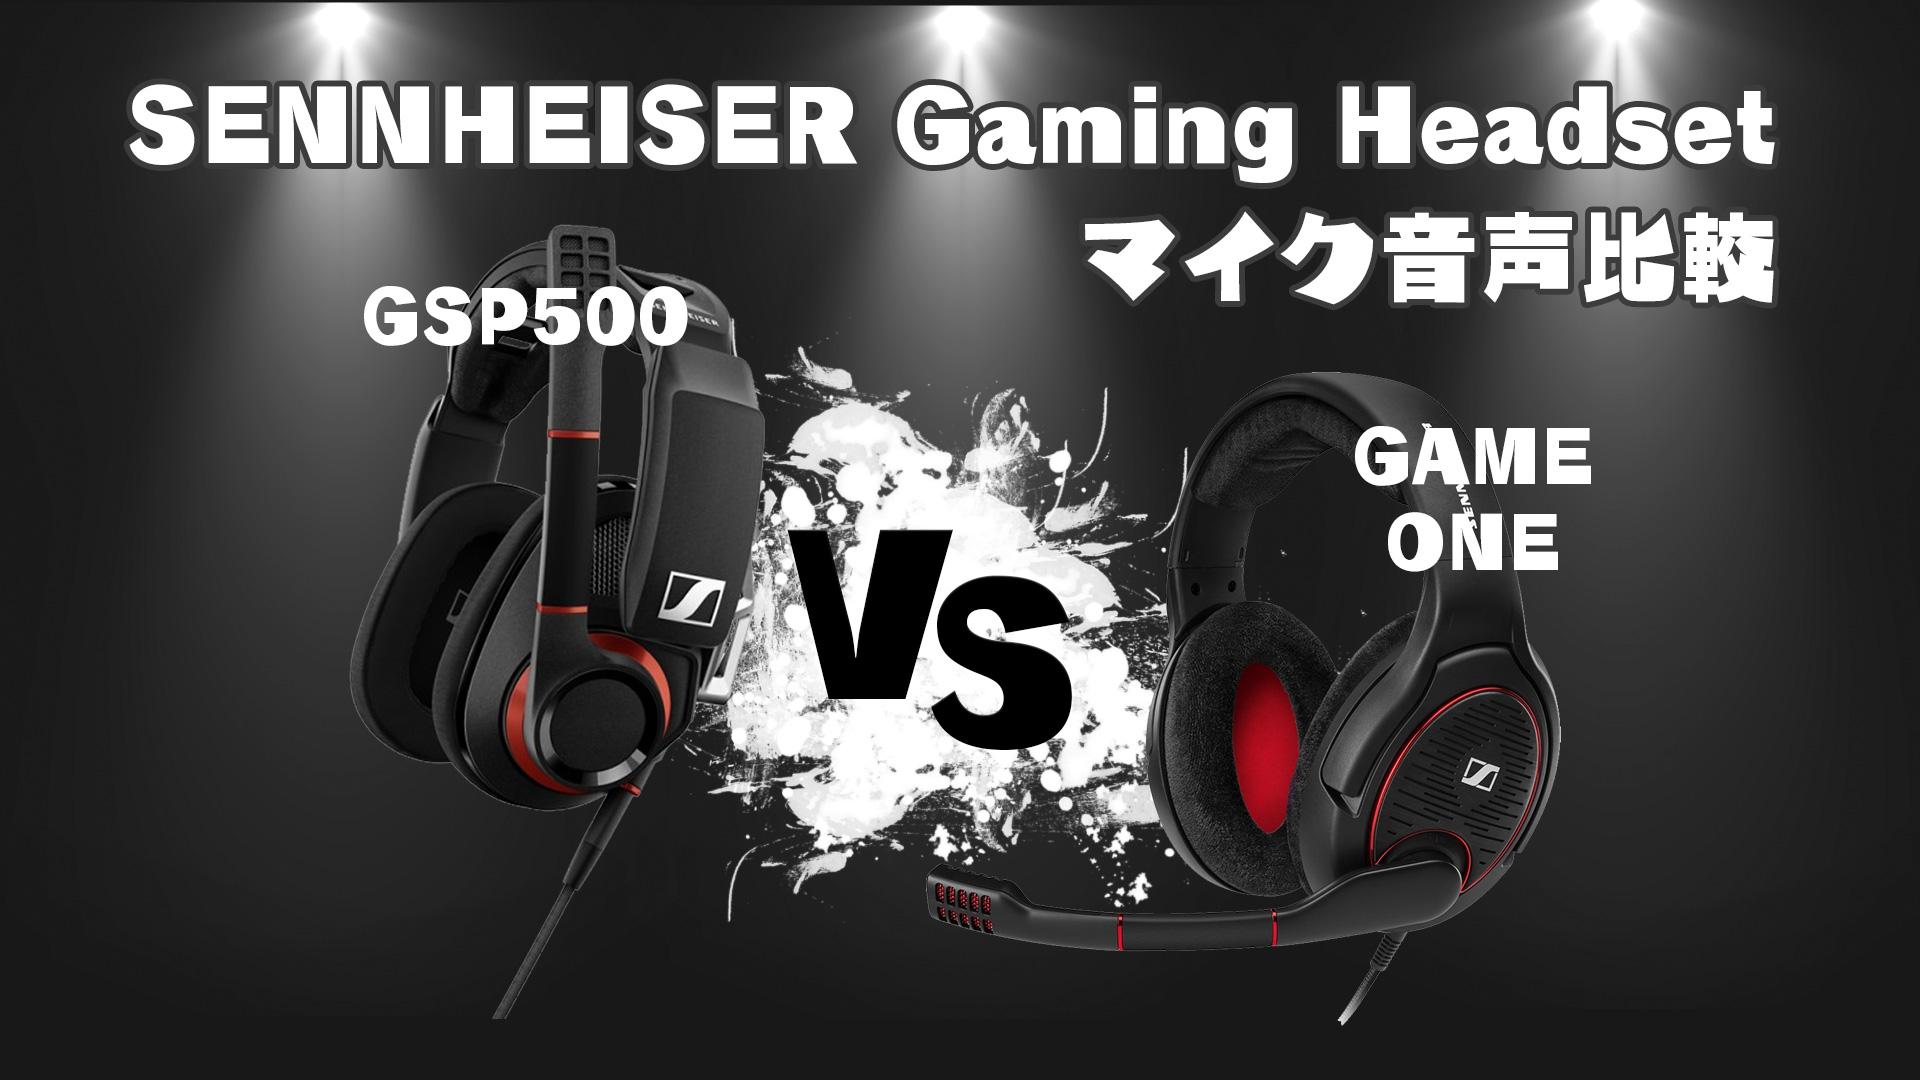 【レビュー】ゼンハイザー GSP500 ゲーミングヘッドセット